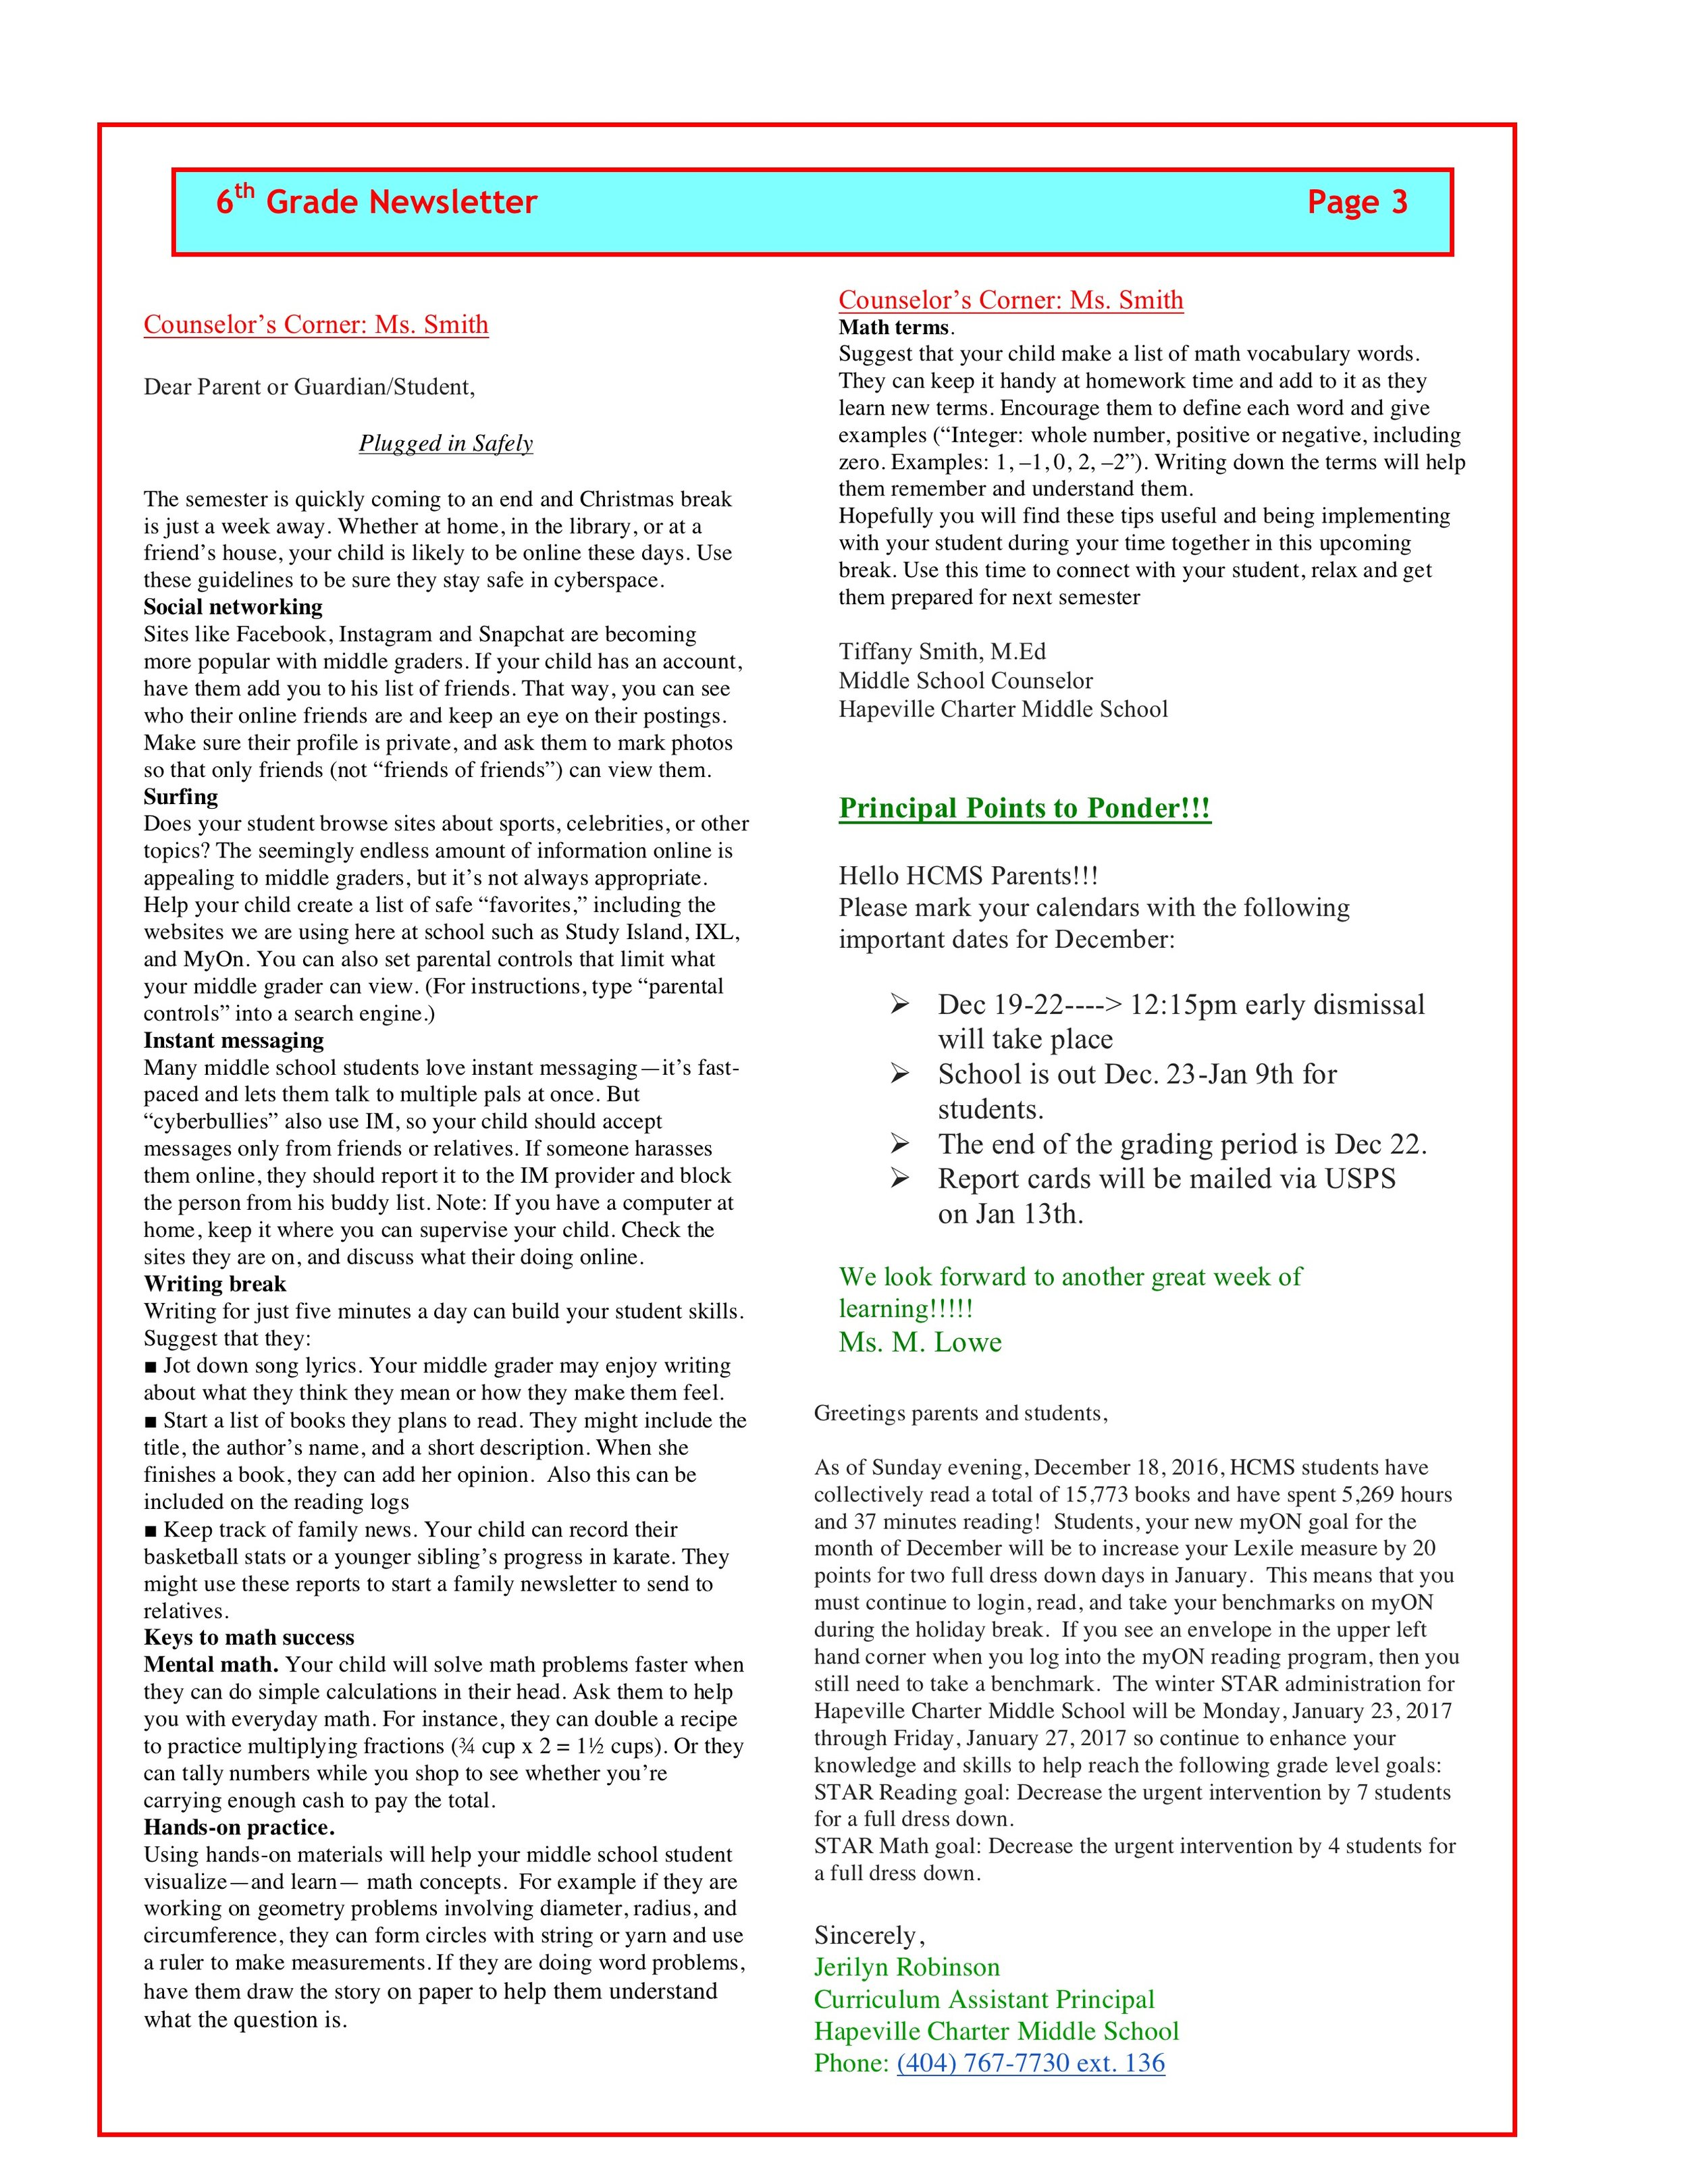 Newsletter Image6th Grade Newsletter 12-19-2016 3.jpeg